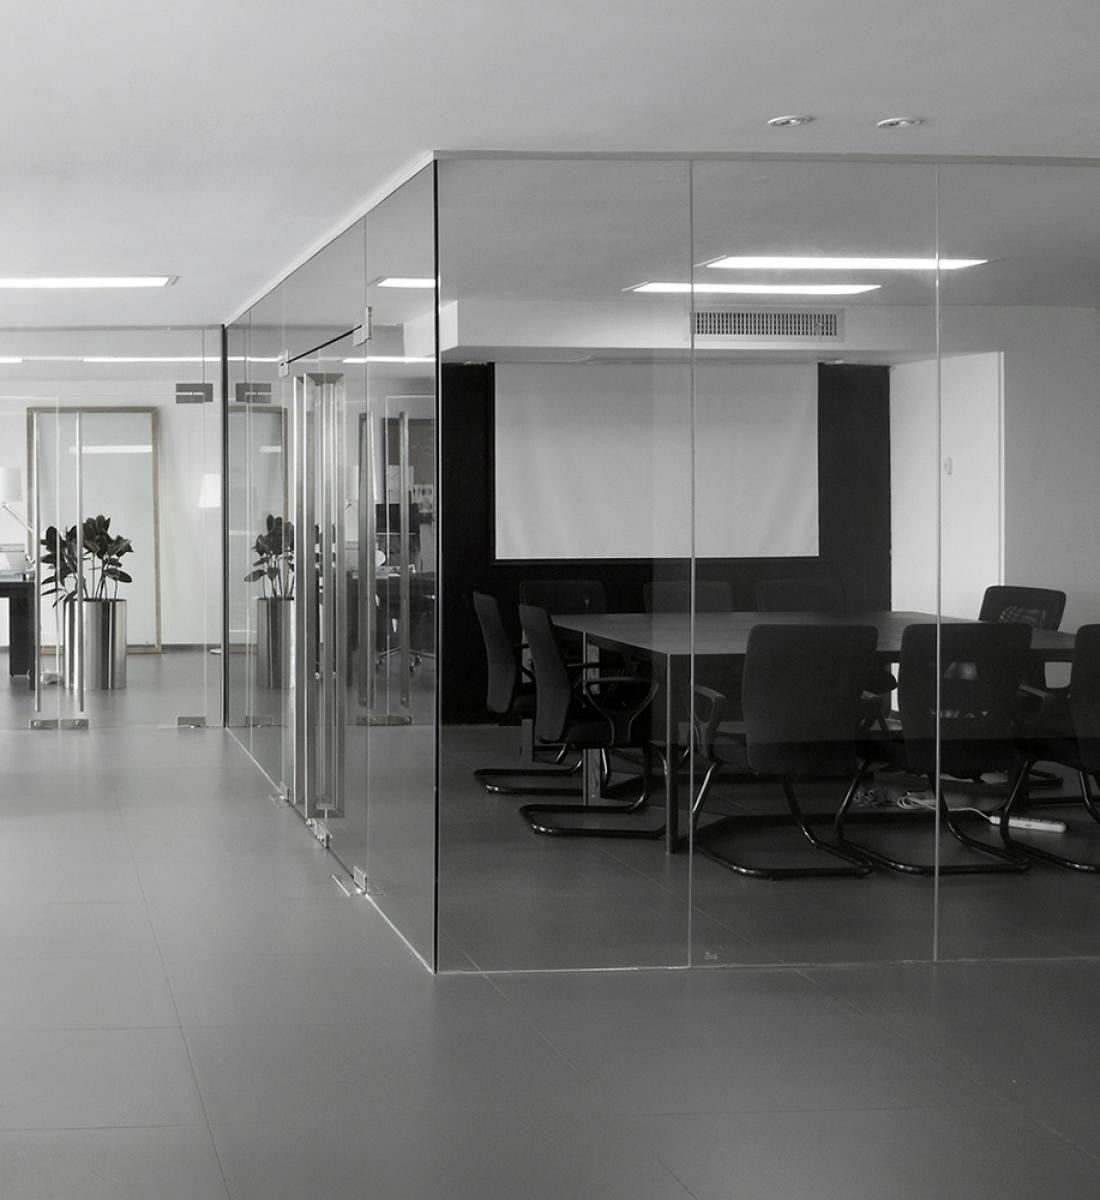 Mamparas de vidrio vidrieria corporacion vc for Mamparas de oficina precios